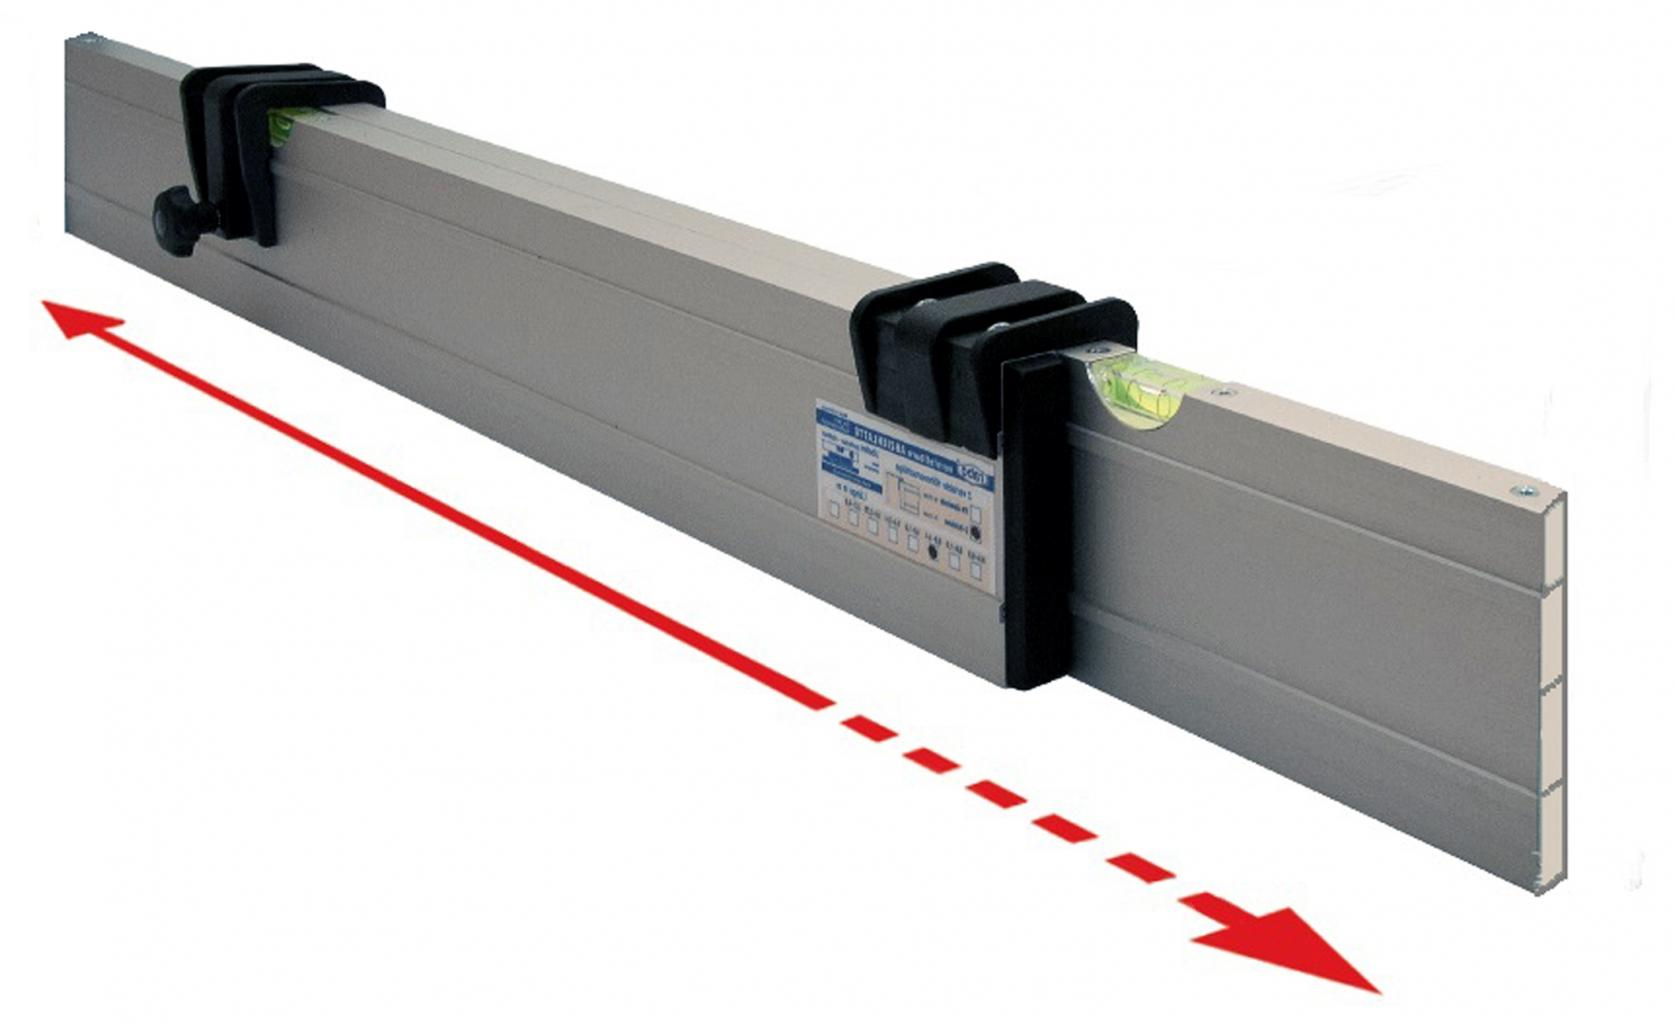 Nivelo NL10 nastavitelná stahovací lať s pracovní délkou 0.6 - 1 m